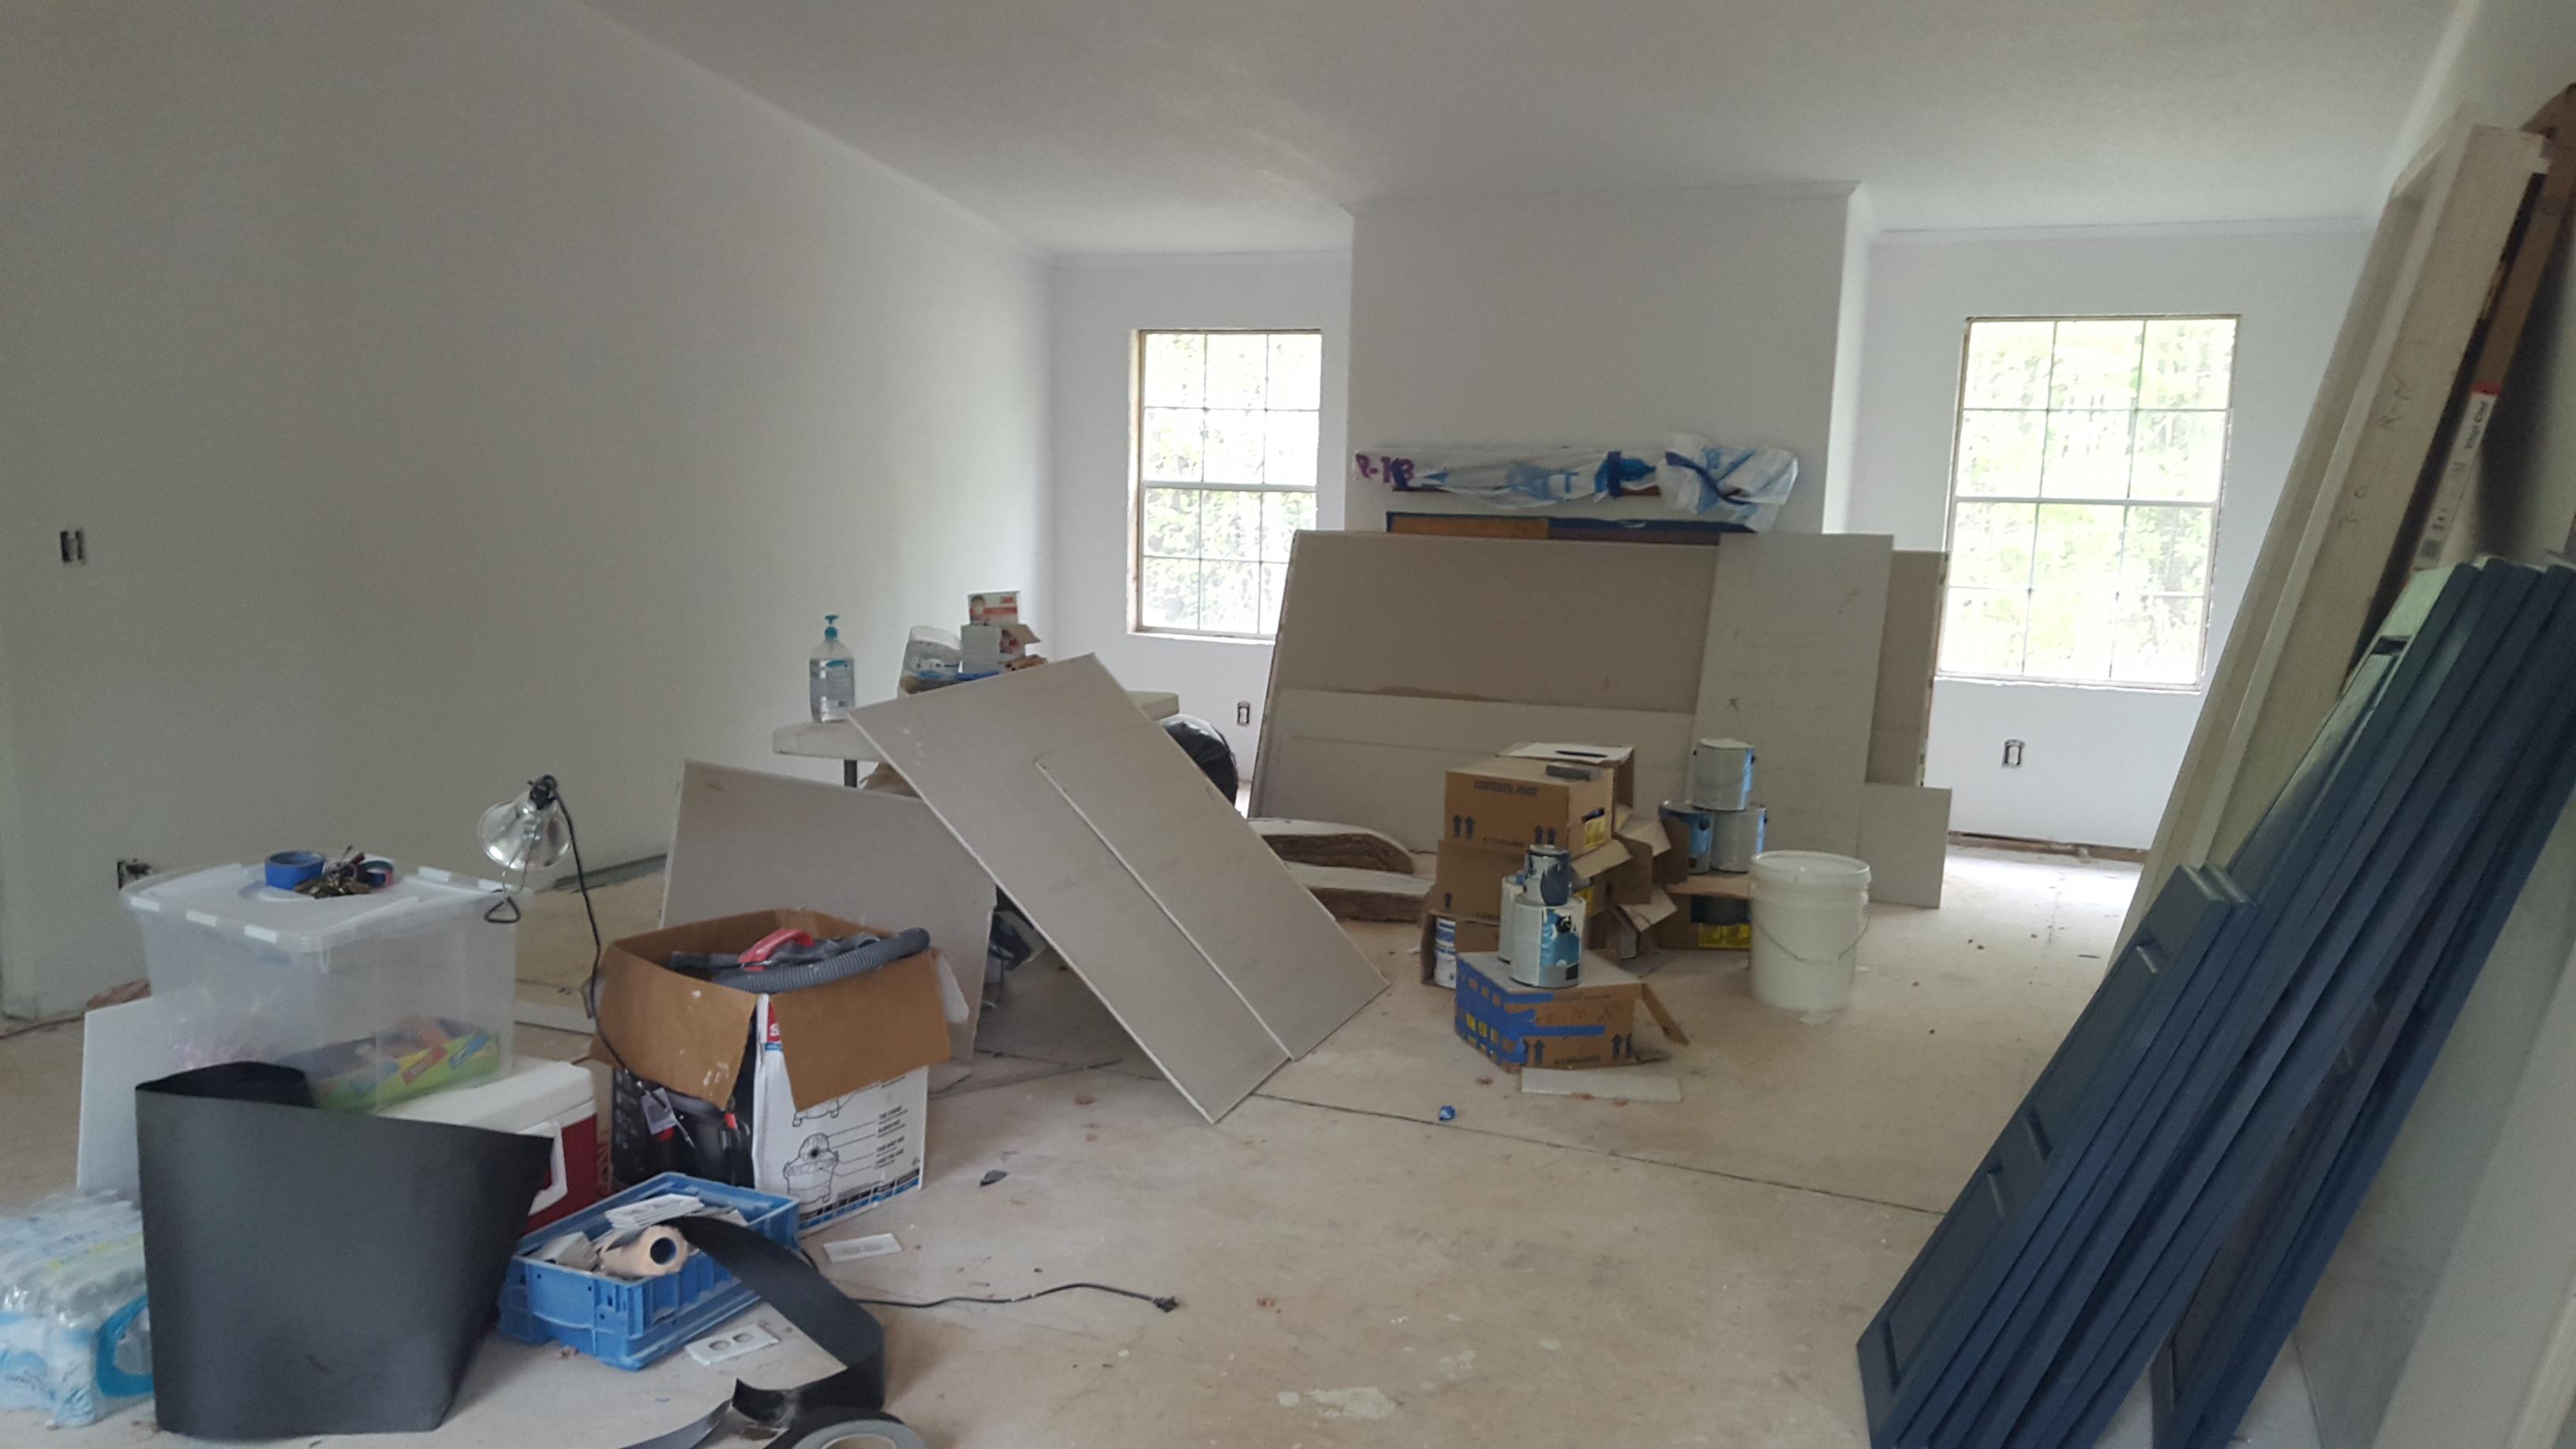 Carey Road Home Rehab Update